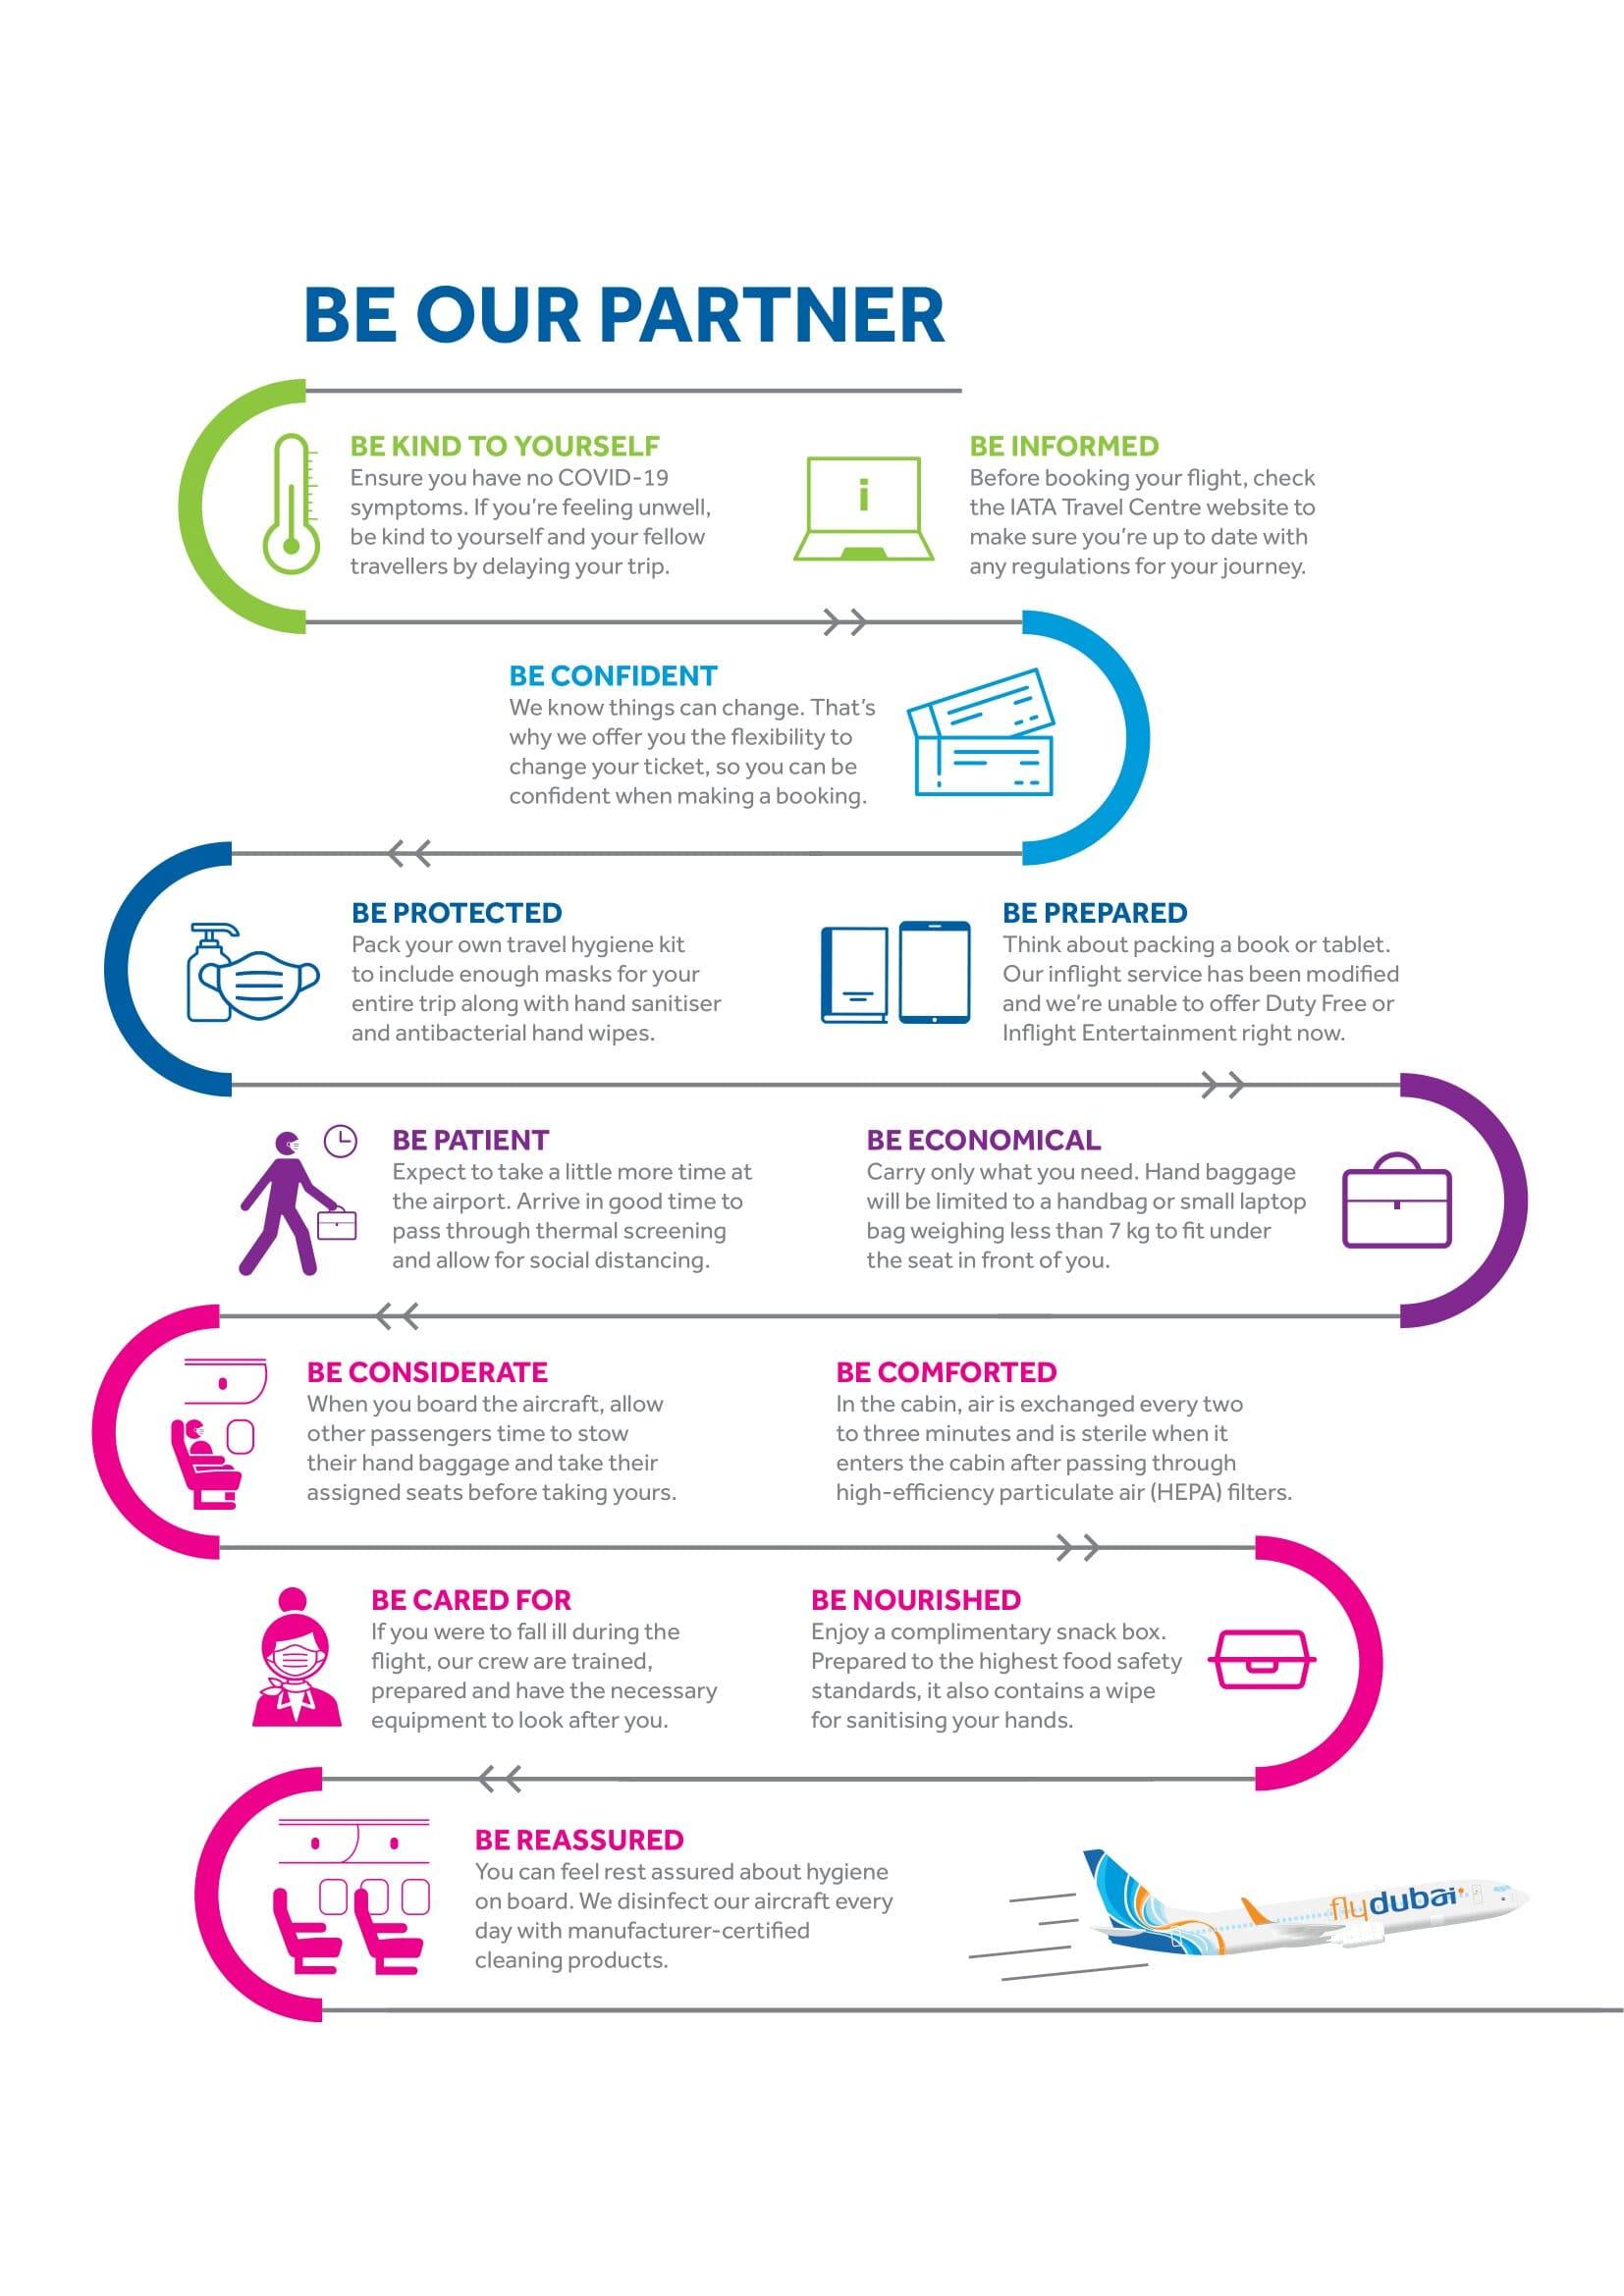 Flydubai passenger partnership steps. (WAM)